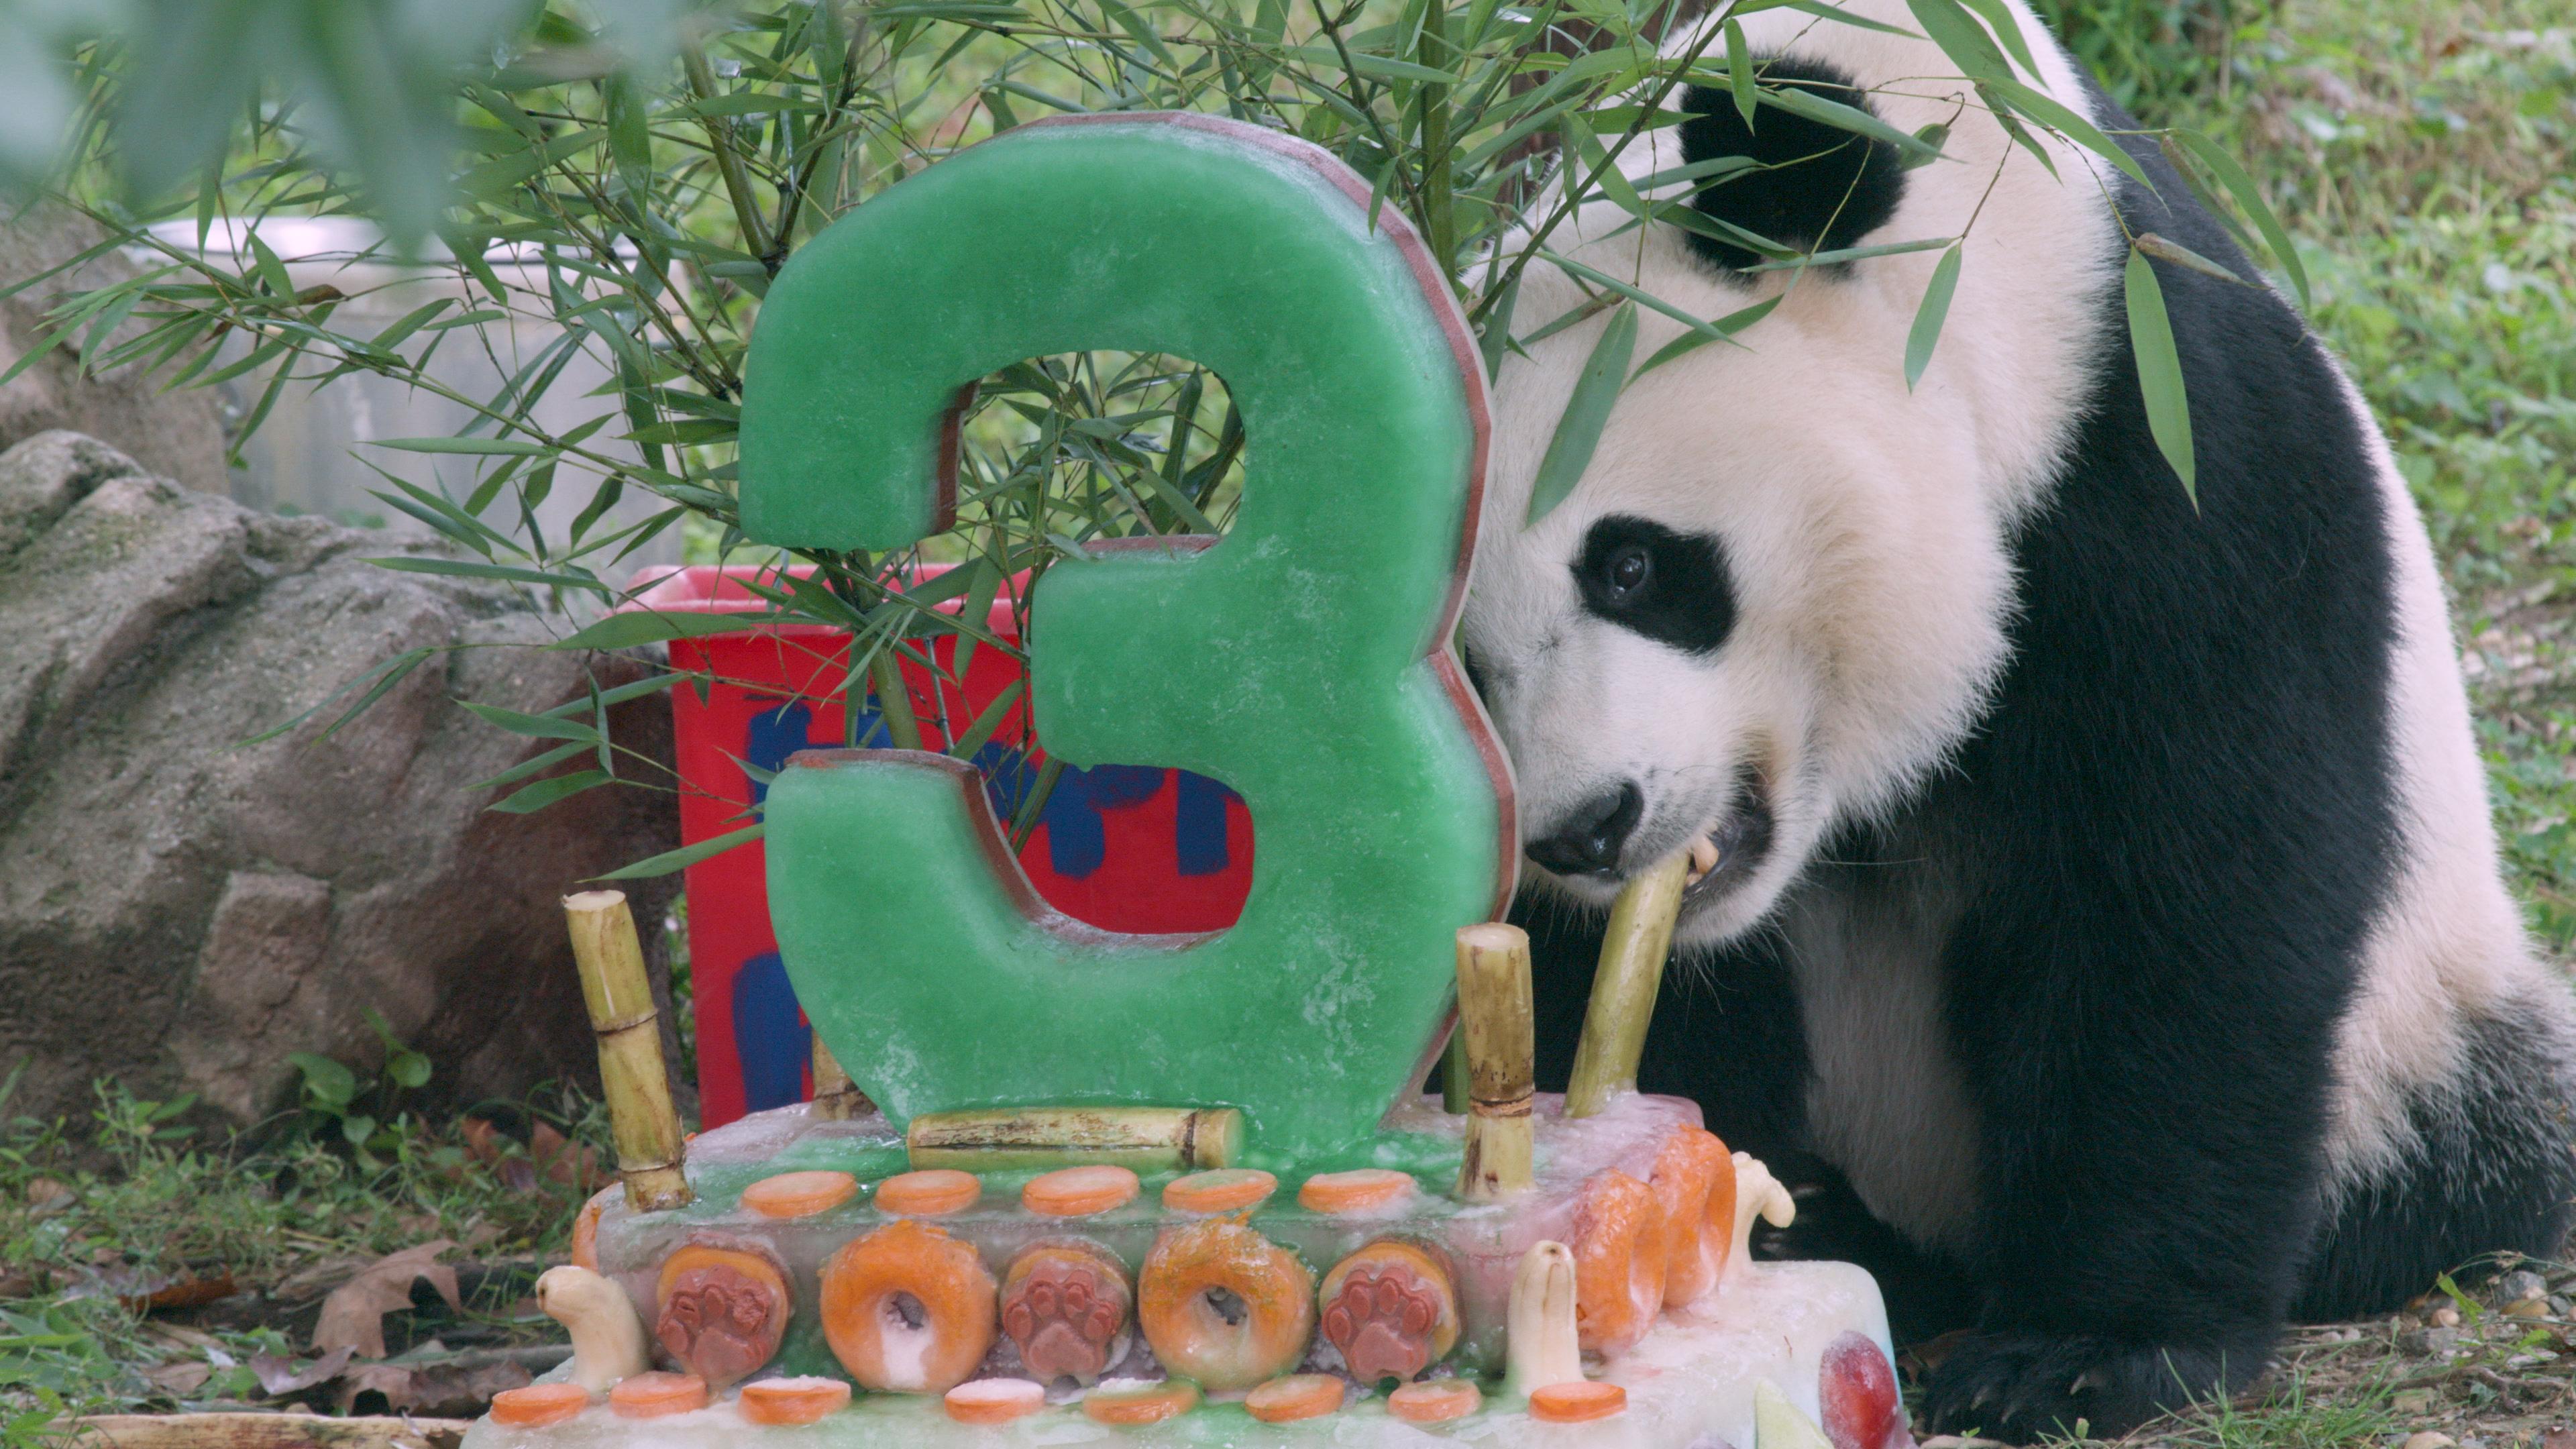 Giant Panda Bei Bei Celebrates His Third Birthday